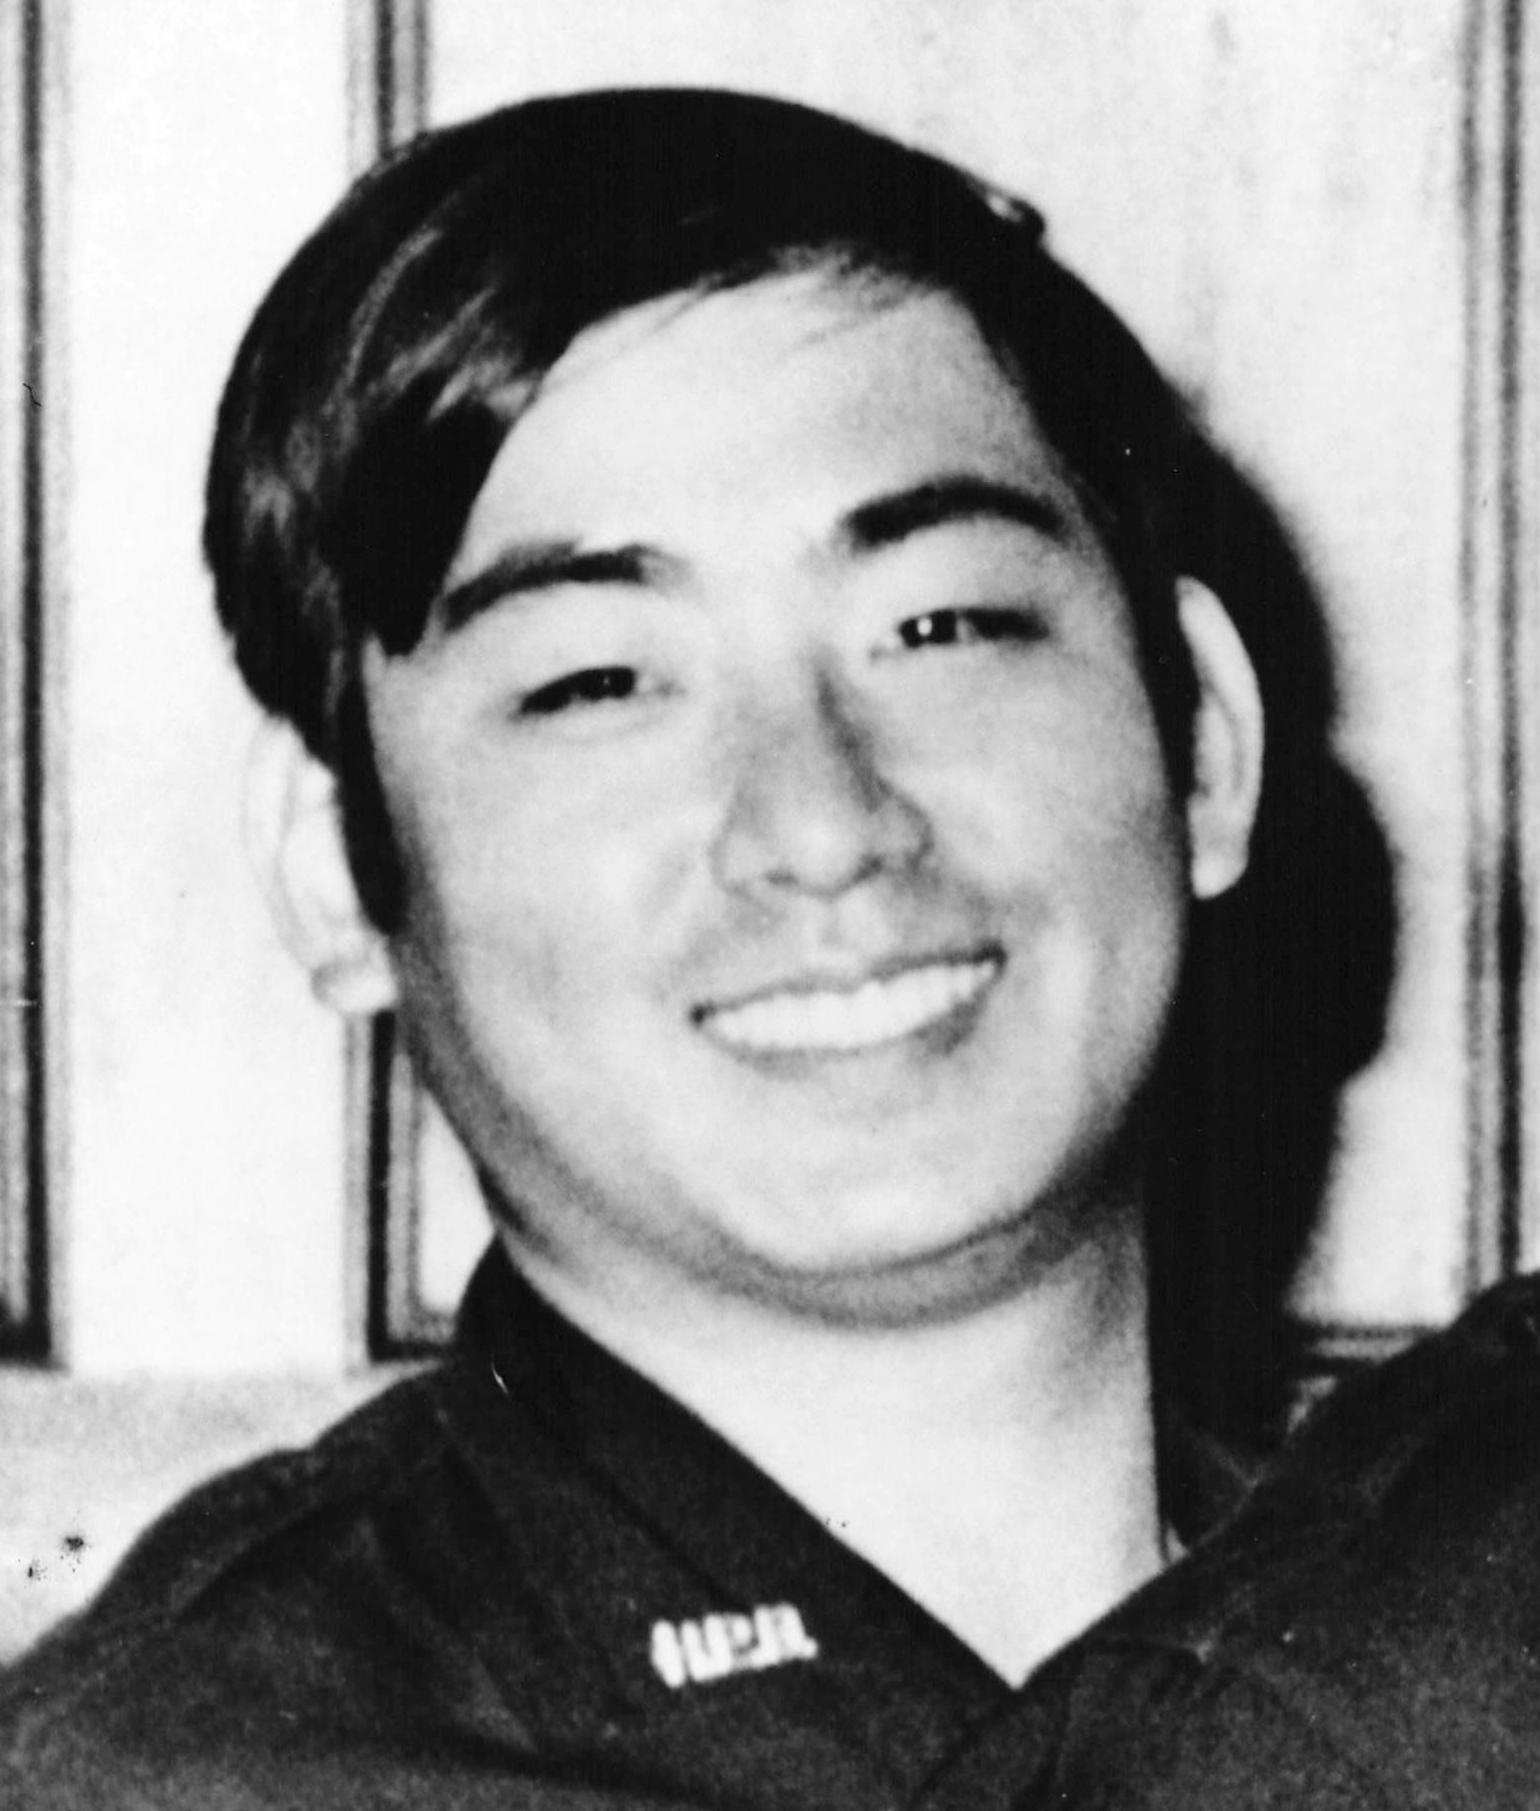 Preston Mitsugi Ota